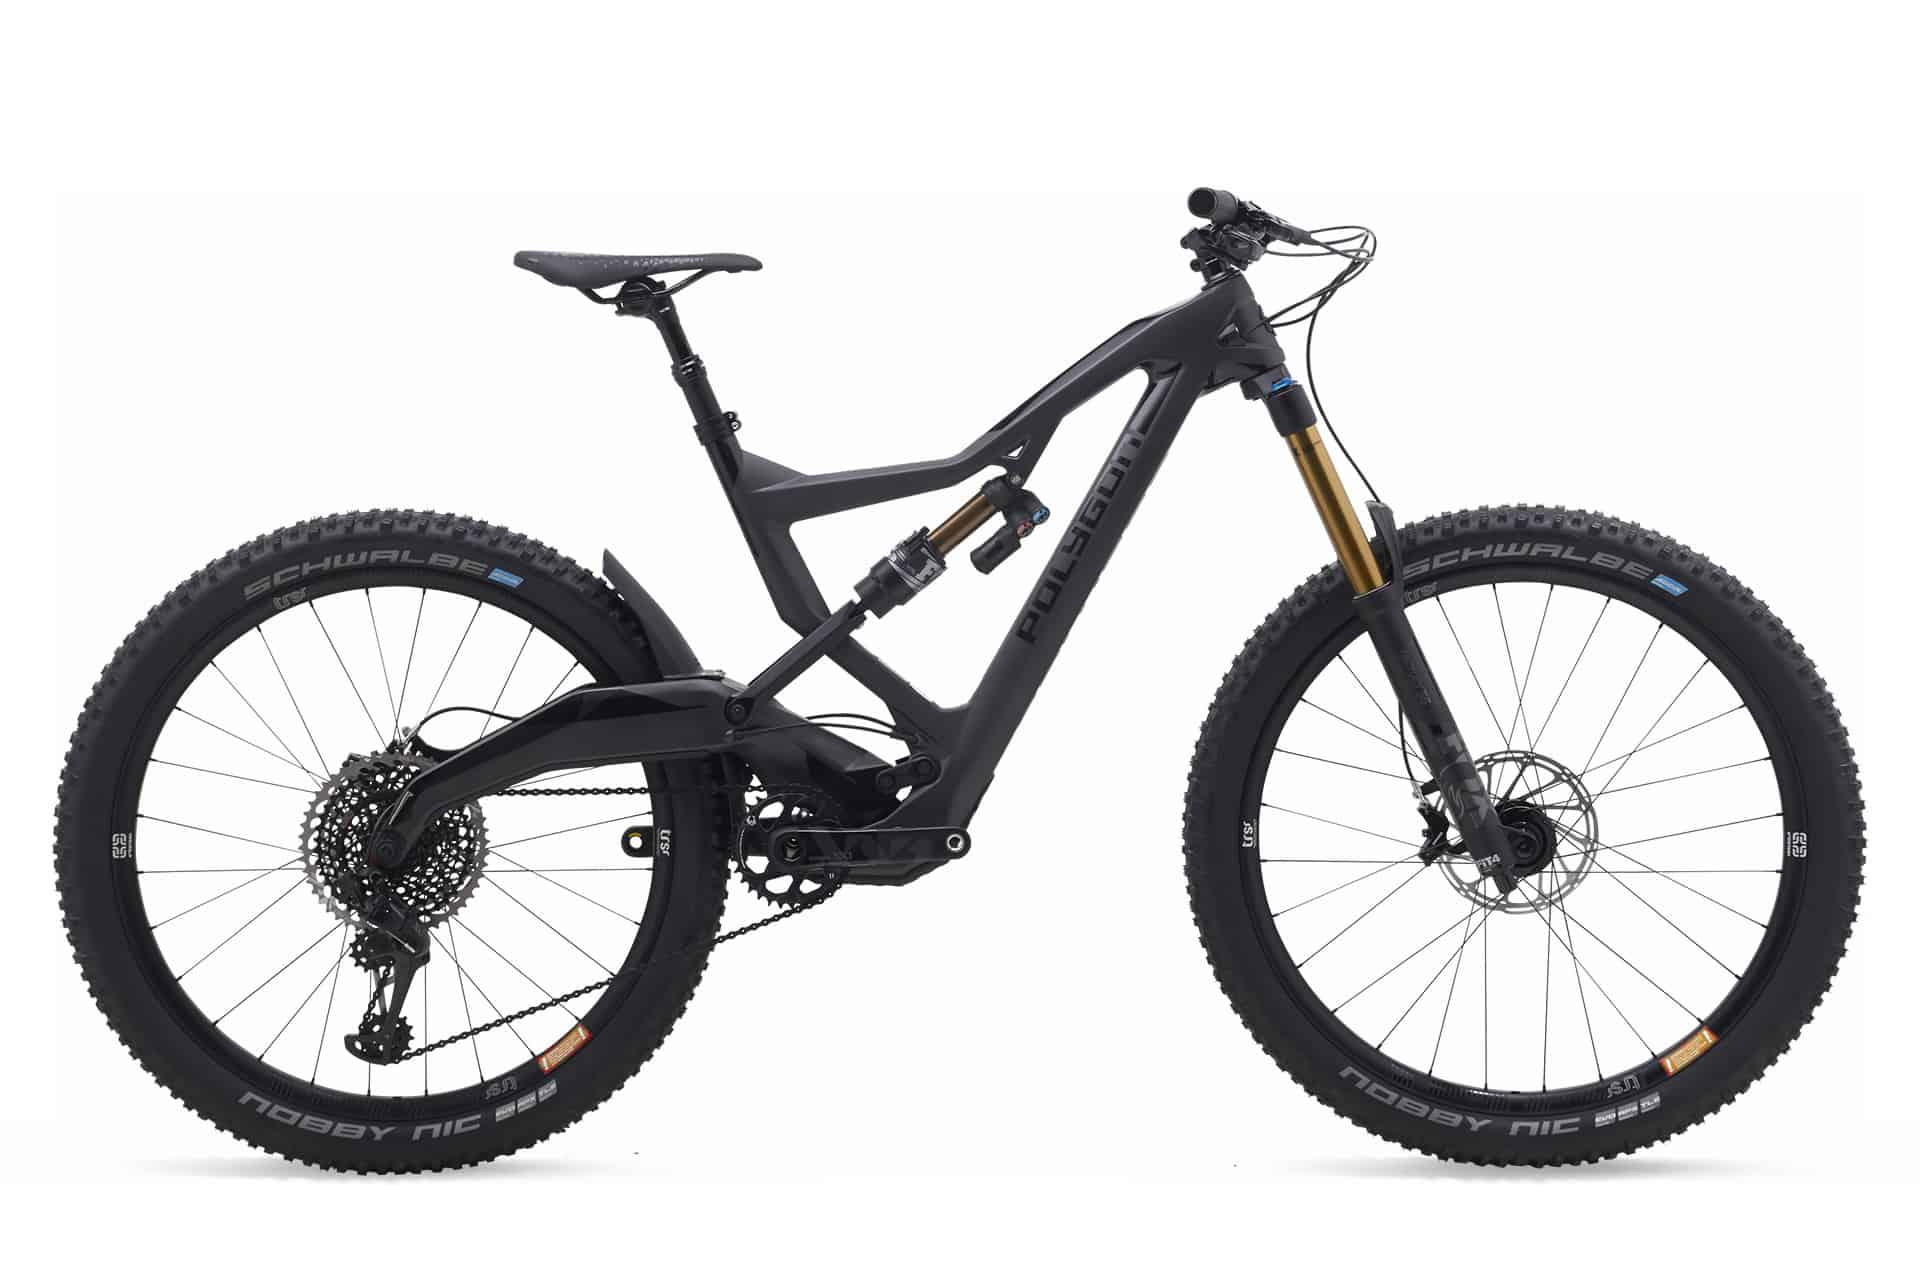 Line Up Dan Produk Sepeda Terbaru Tahun 2020 Sepeda Me